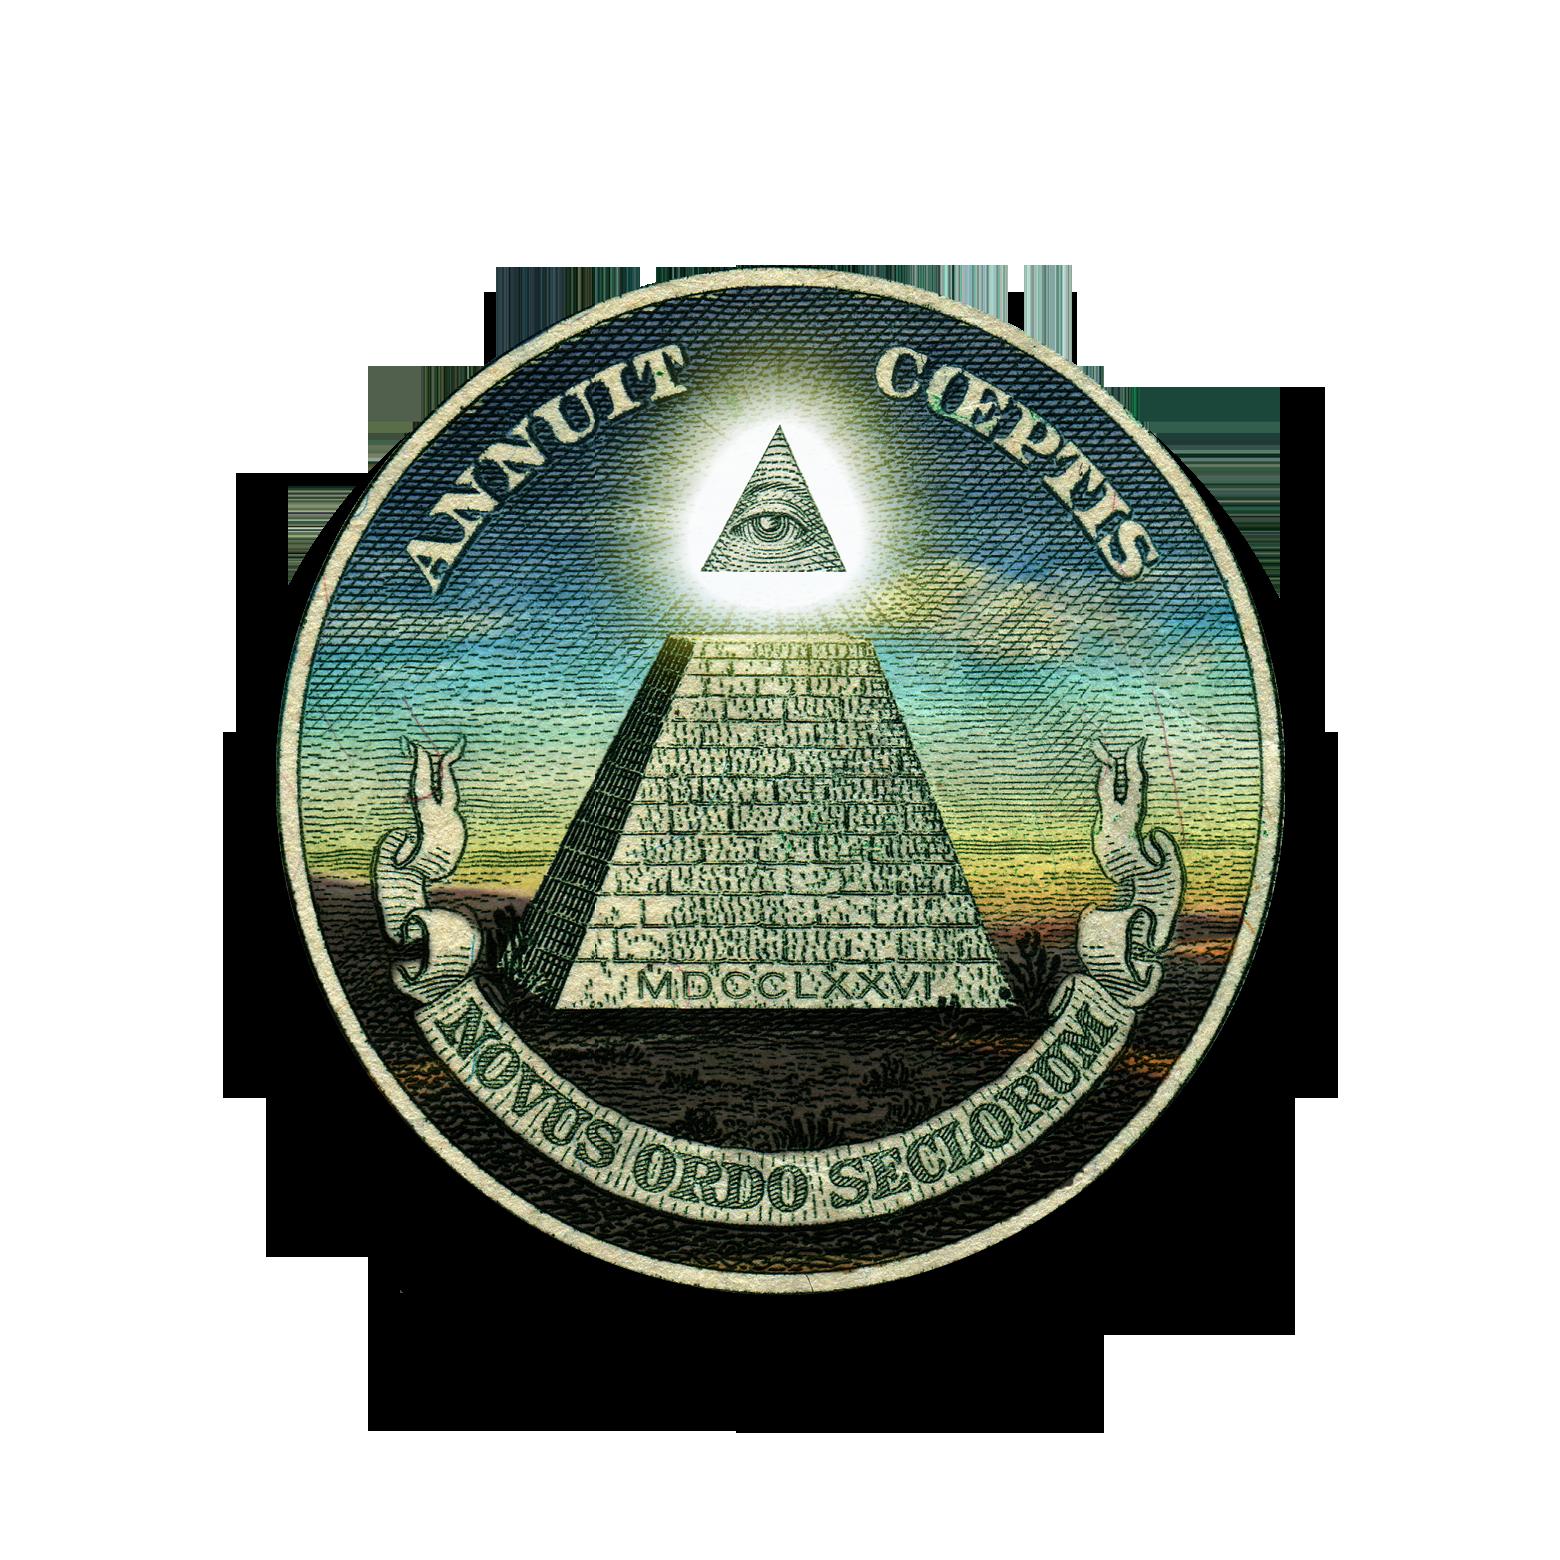 Social Media Marketing illuminatifans